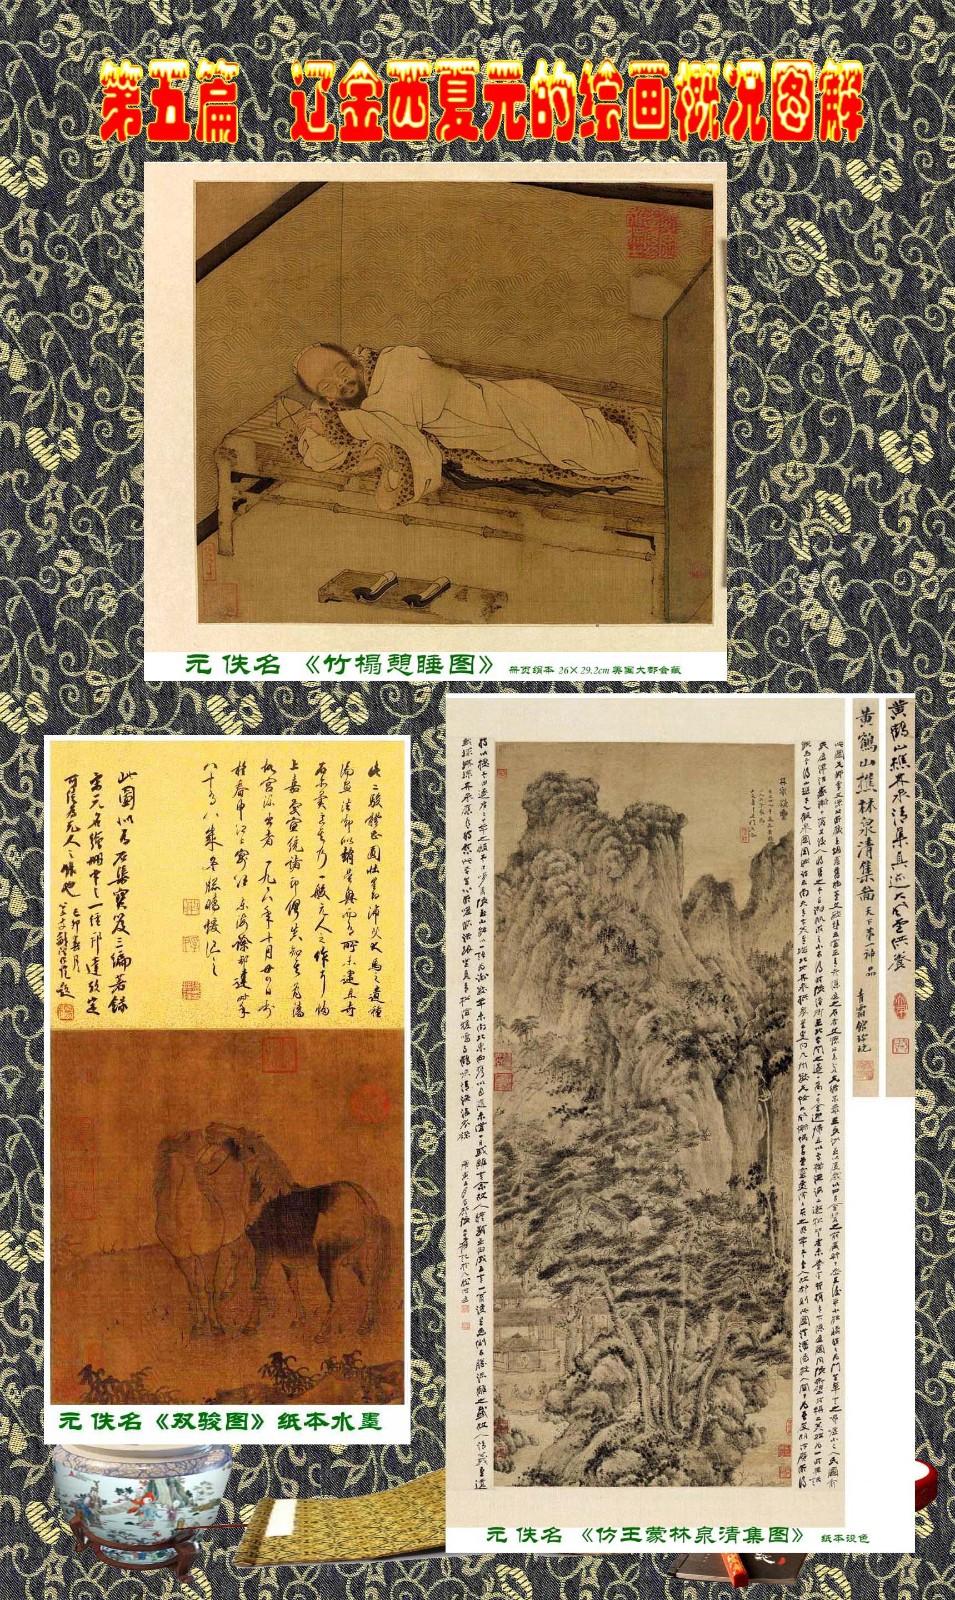 顾绍骅编辑 中国画知识普及版 第五篇 辽金西夏元的绘画概况 下 ... ..._图1-117